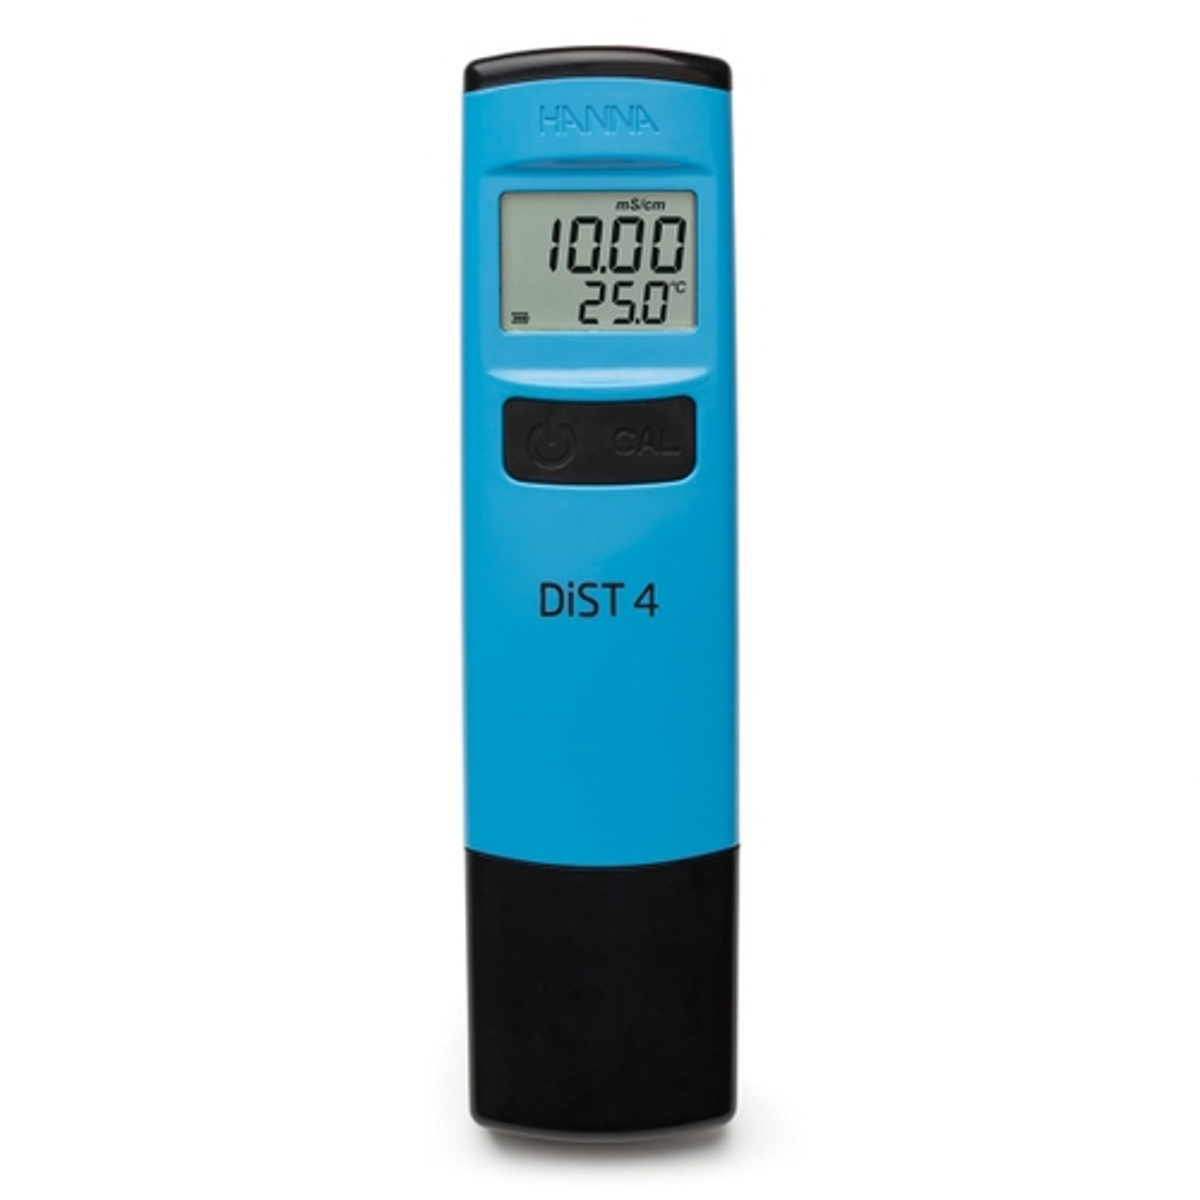 HI98304 Dist 4 Tester CE de rango alto